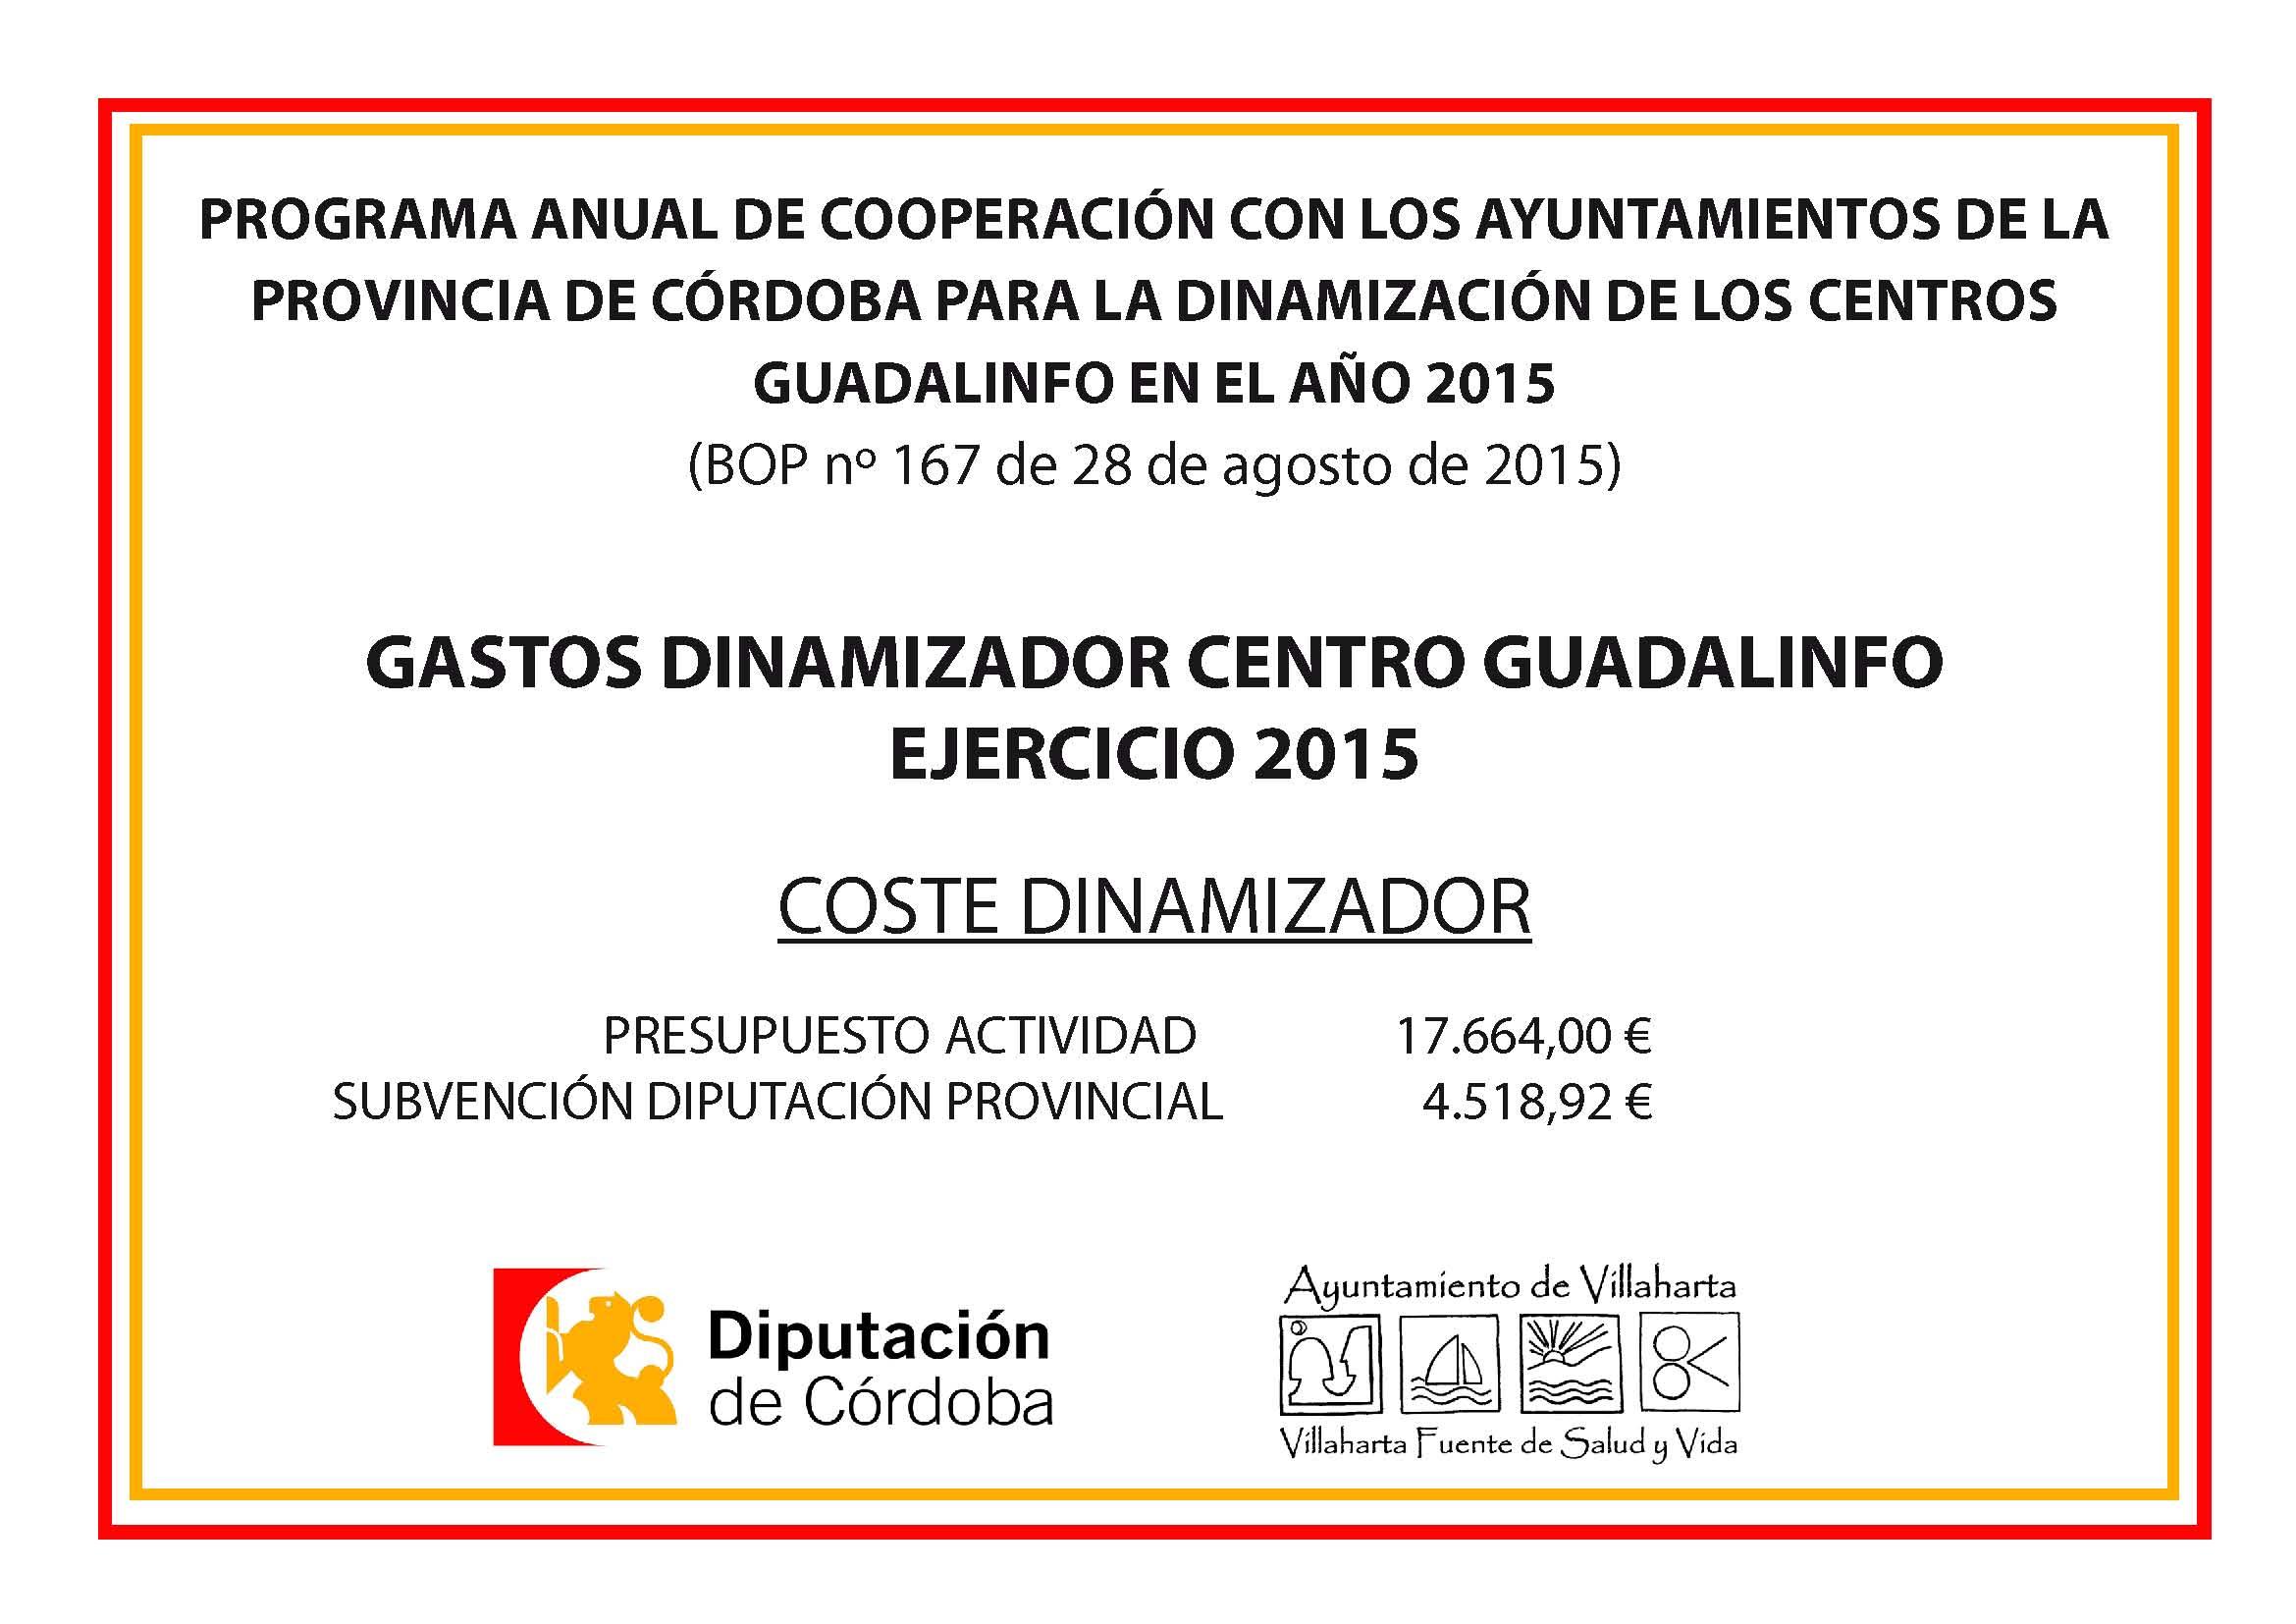 Gastos dinamizador Centro Guadalinfo